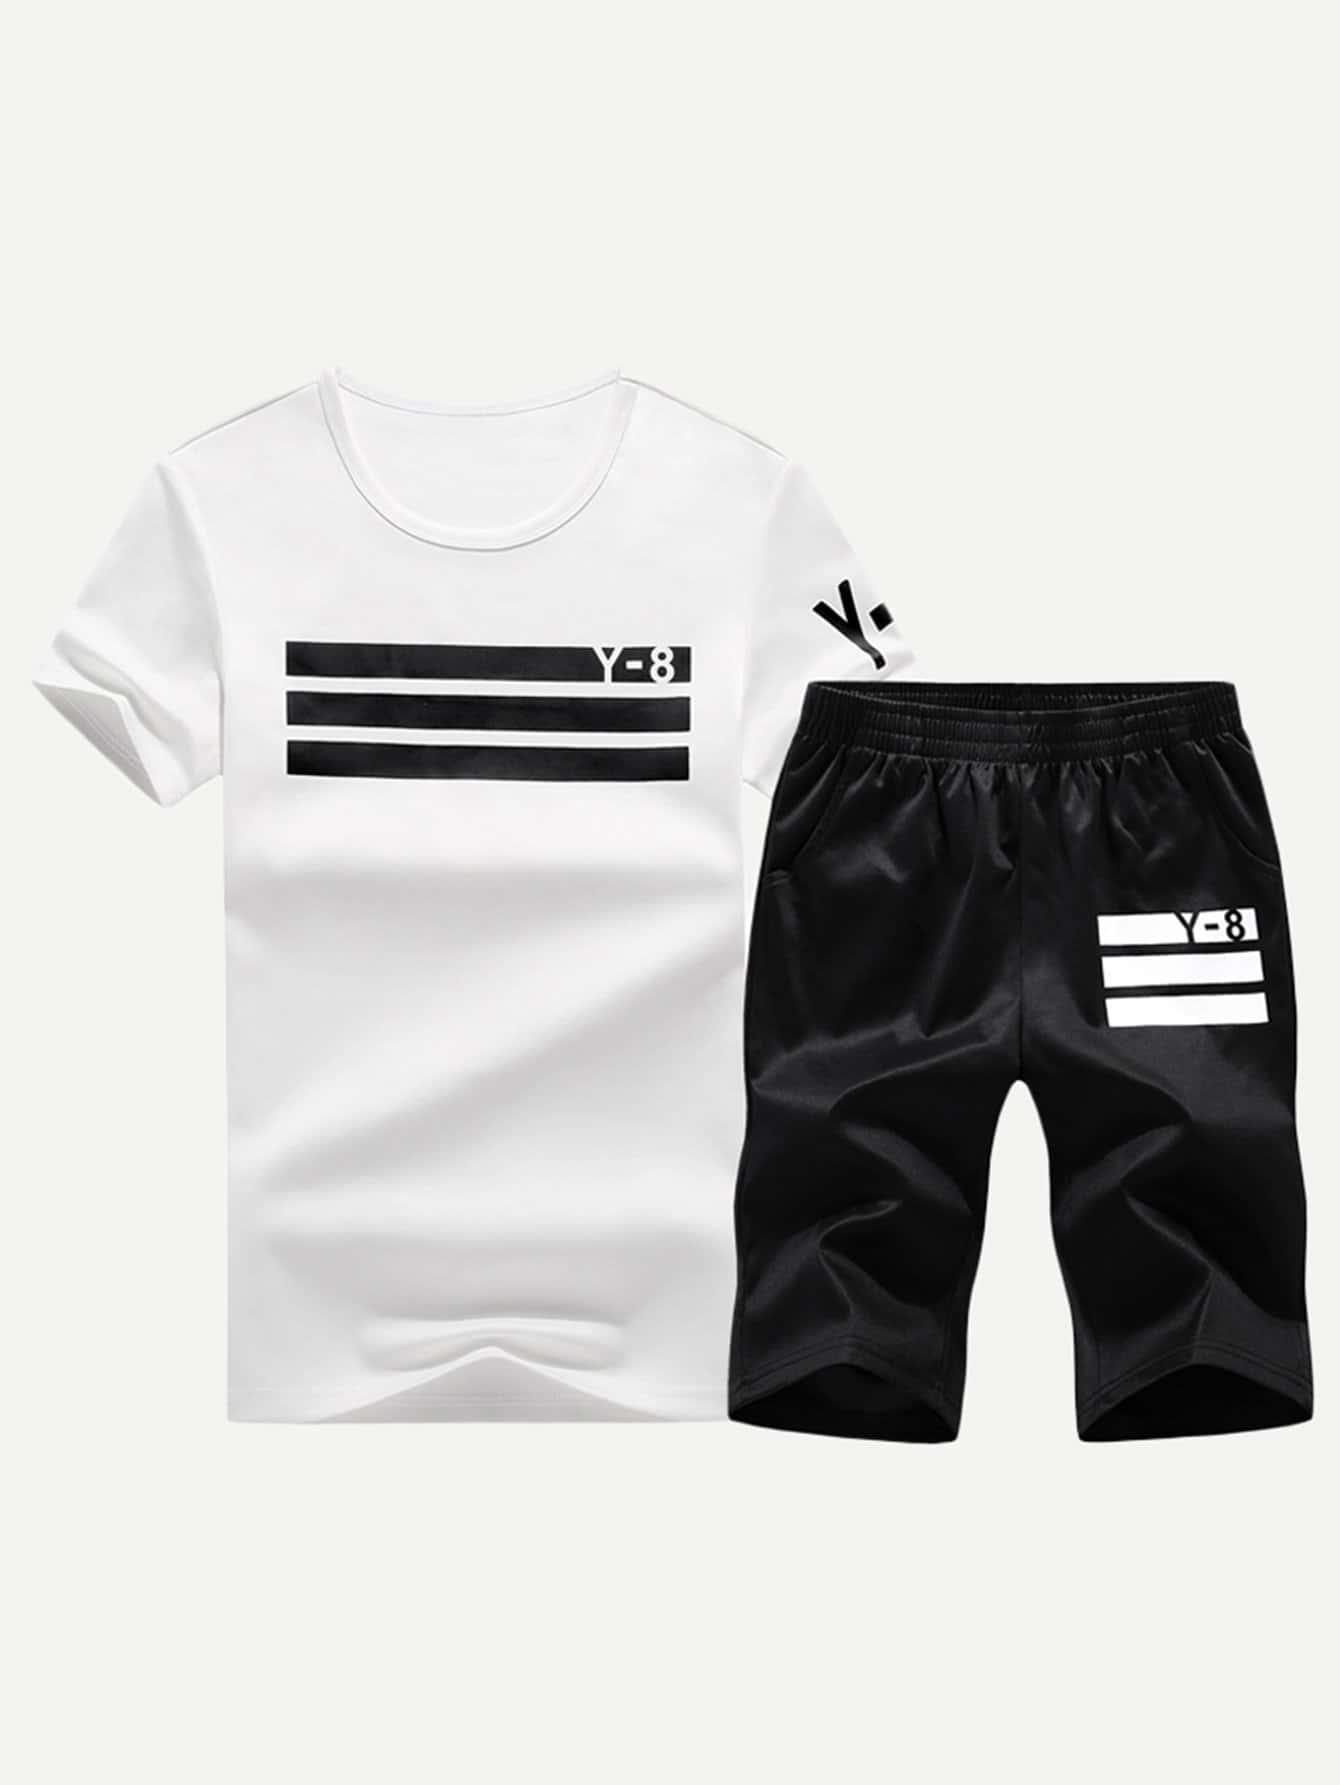 Men Varsity Striped Tee With Shorts varsity striped tee